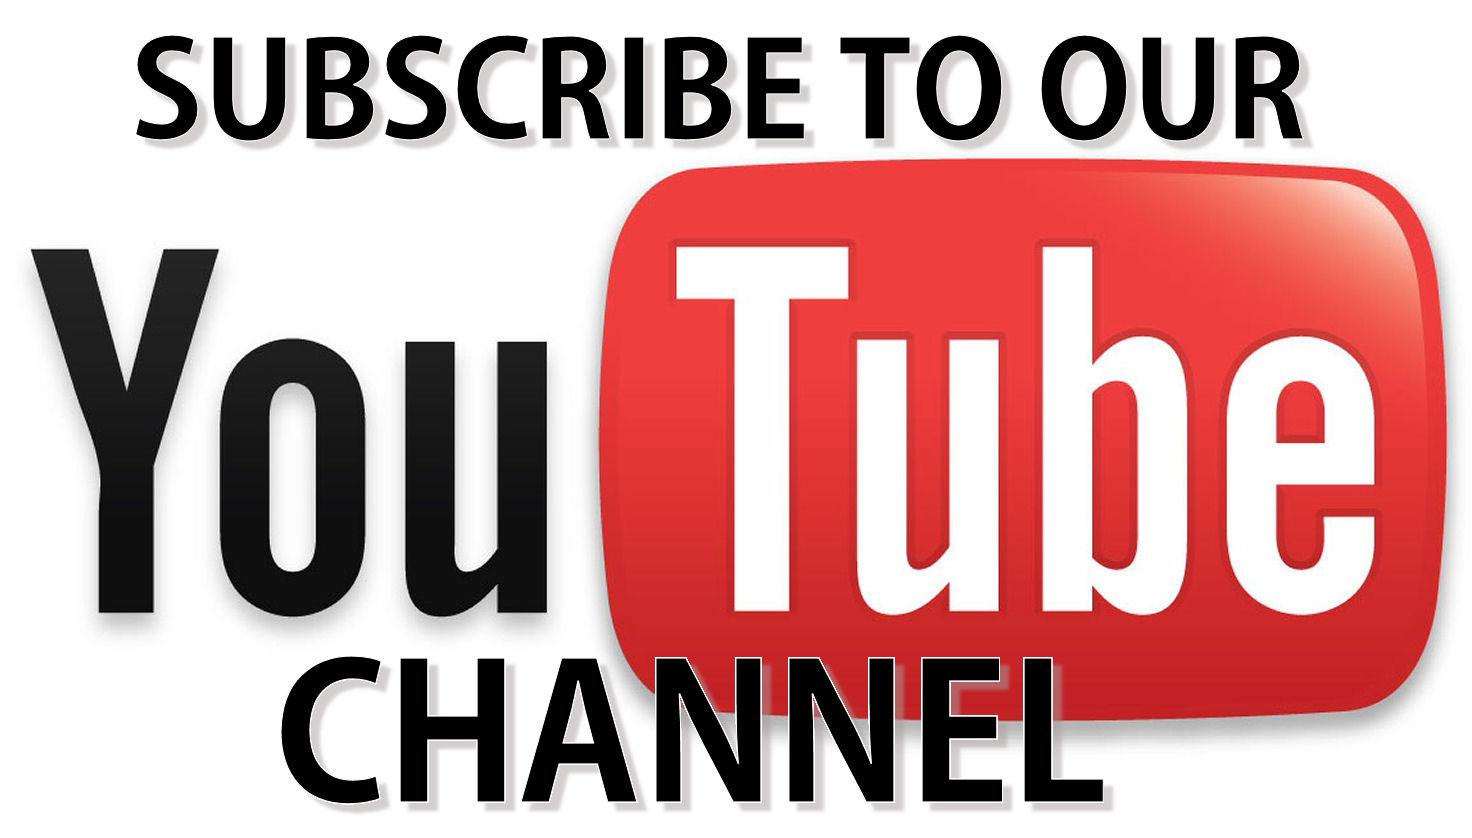 Bob on YouTube